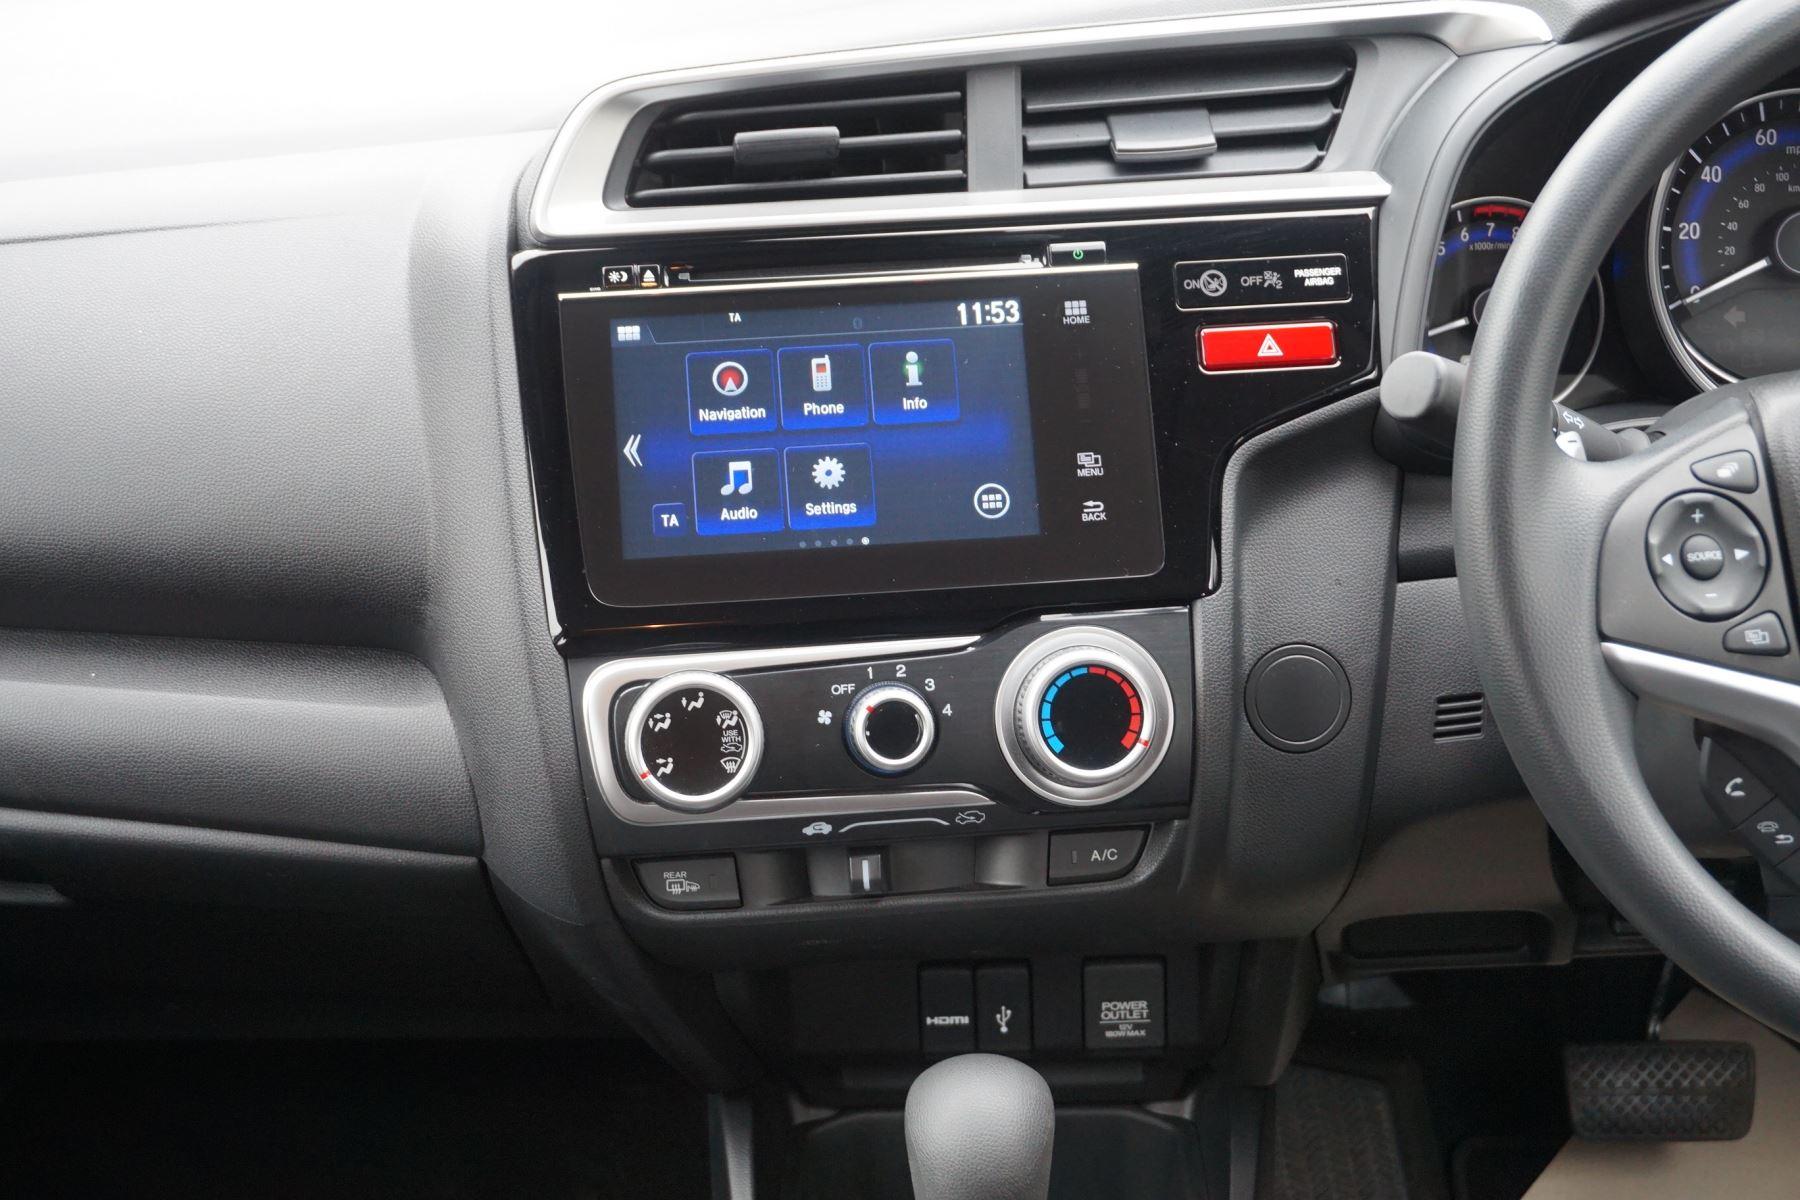 Honda Jazz 1.3 SE Navi CVT image 13